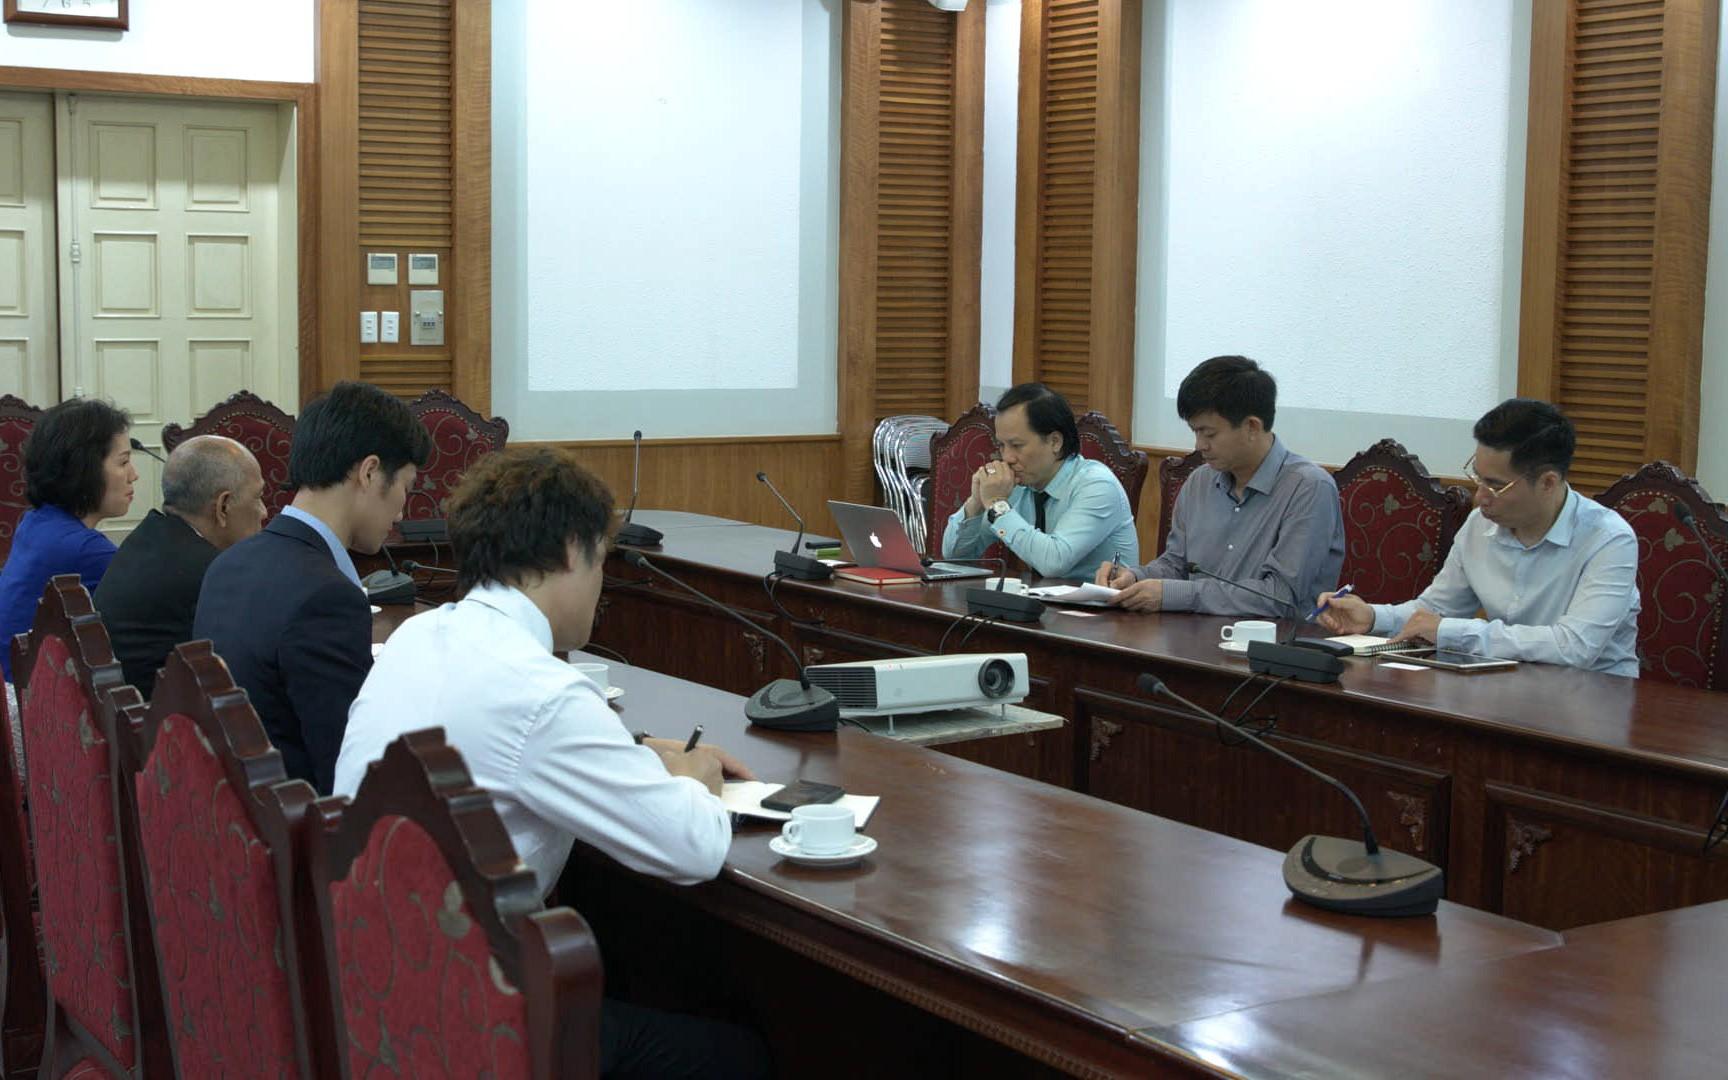 Bộ VHTTDL sẽ hỗ trợ việc tổ chức Diễn đàn doanh nghiệp kinh tế kiều bào Việt Nam toàn cầu lần thứ nhất tại Hàn Quốc